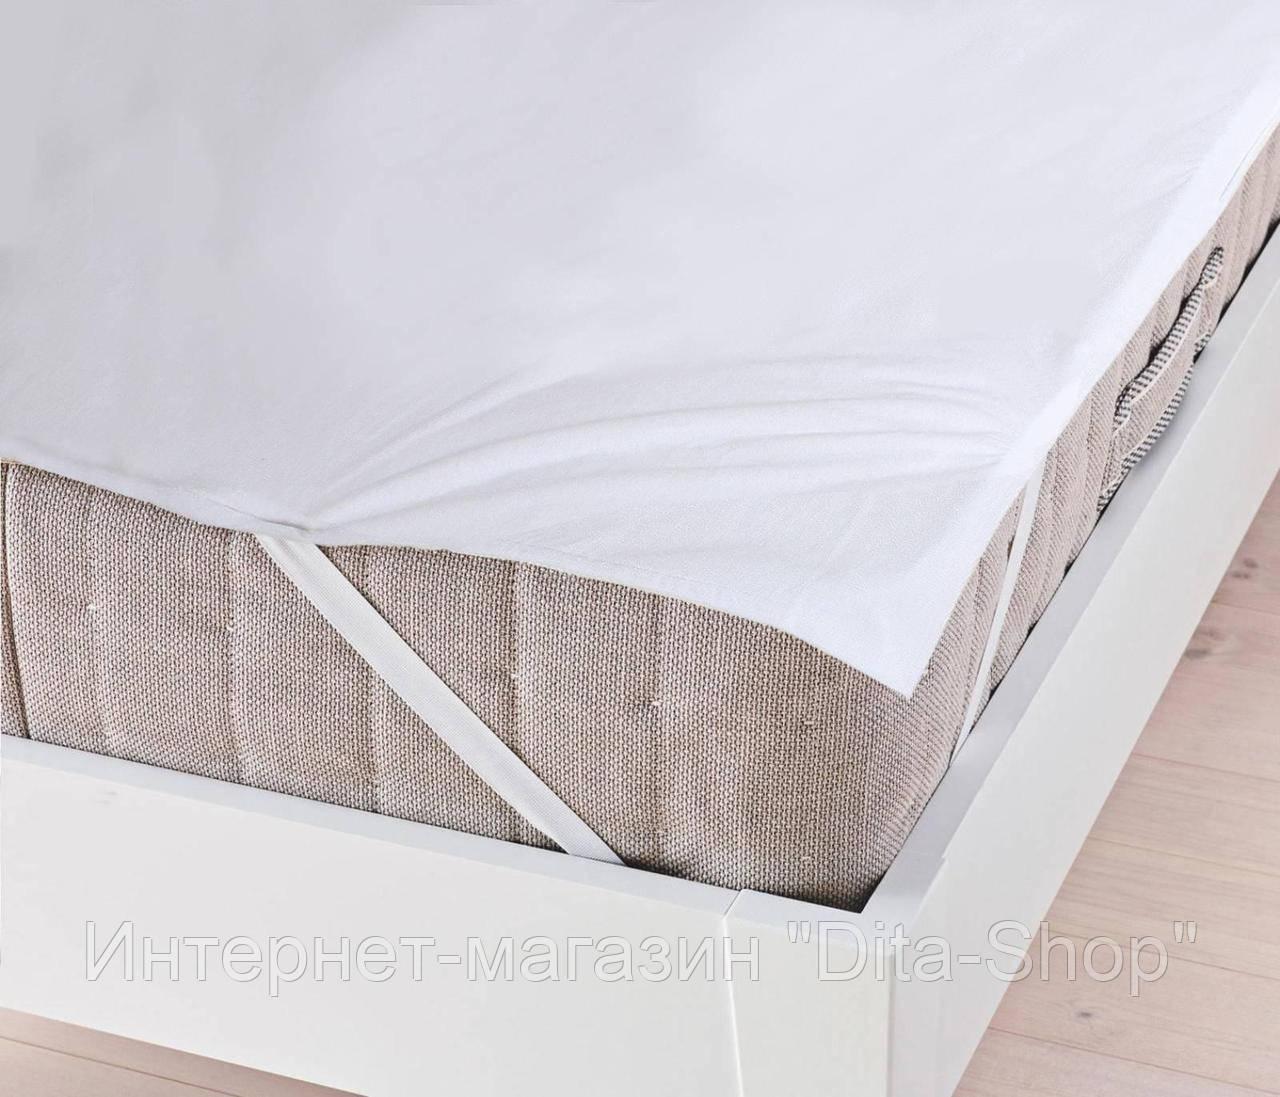 Мембранная ткань для наматрасников купить блузка из муслина